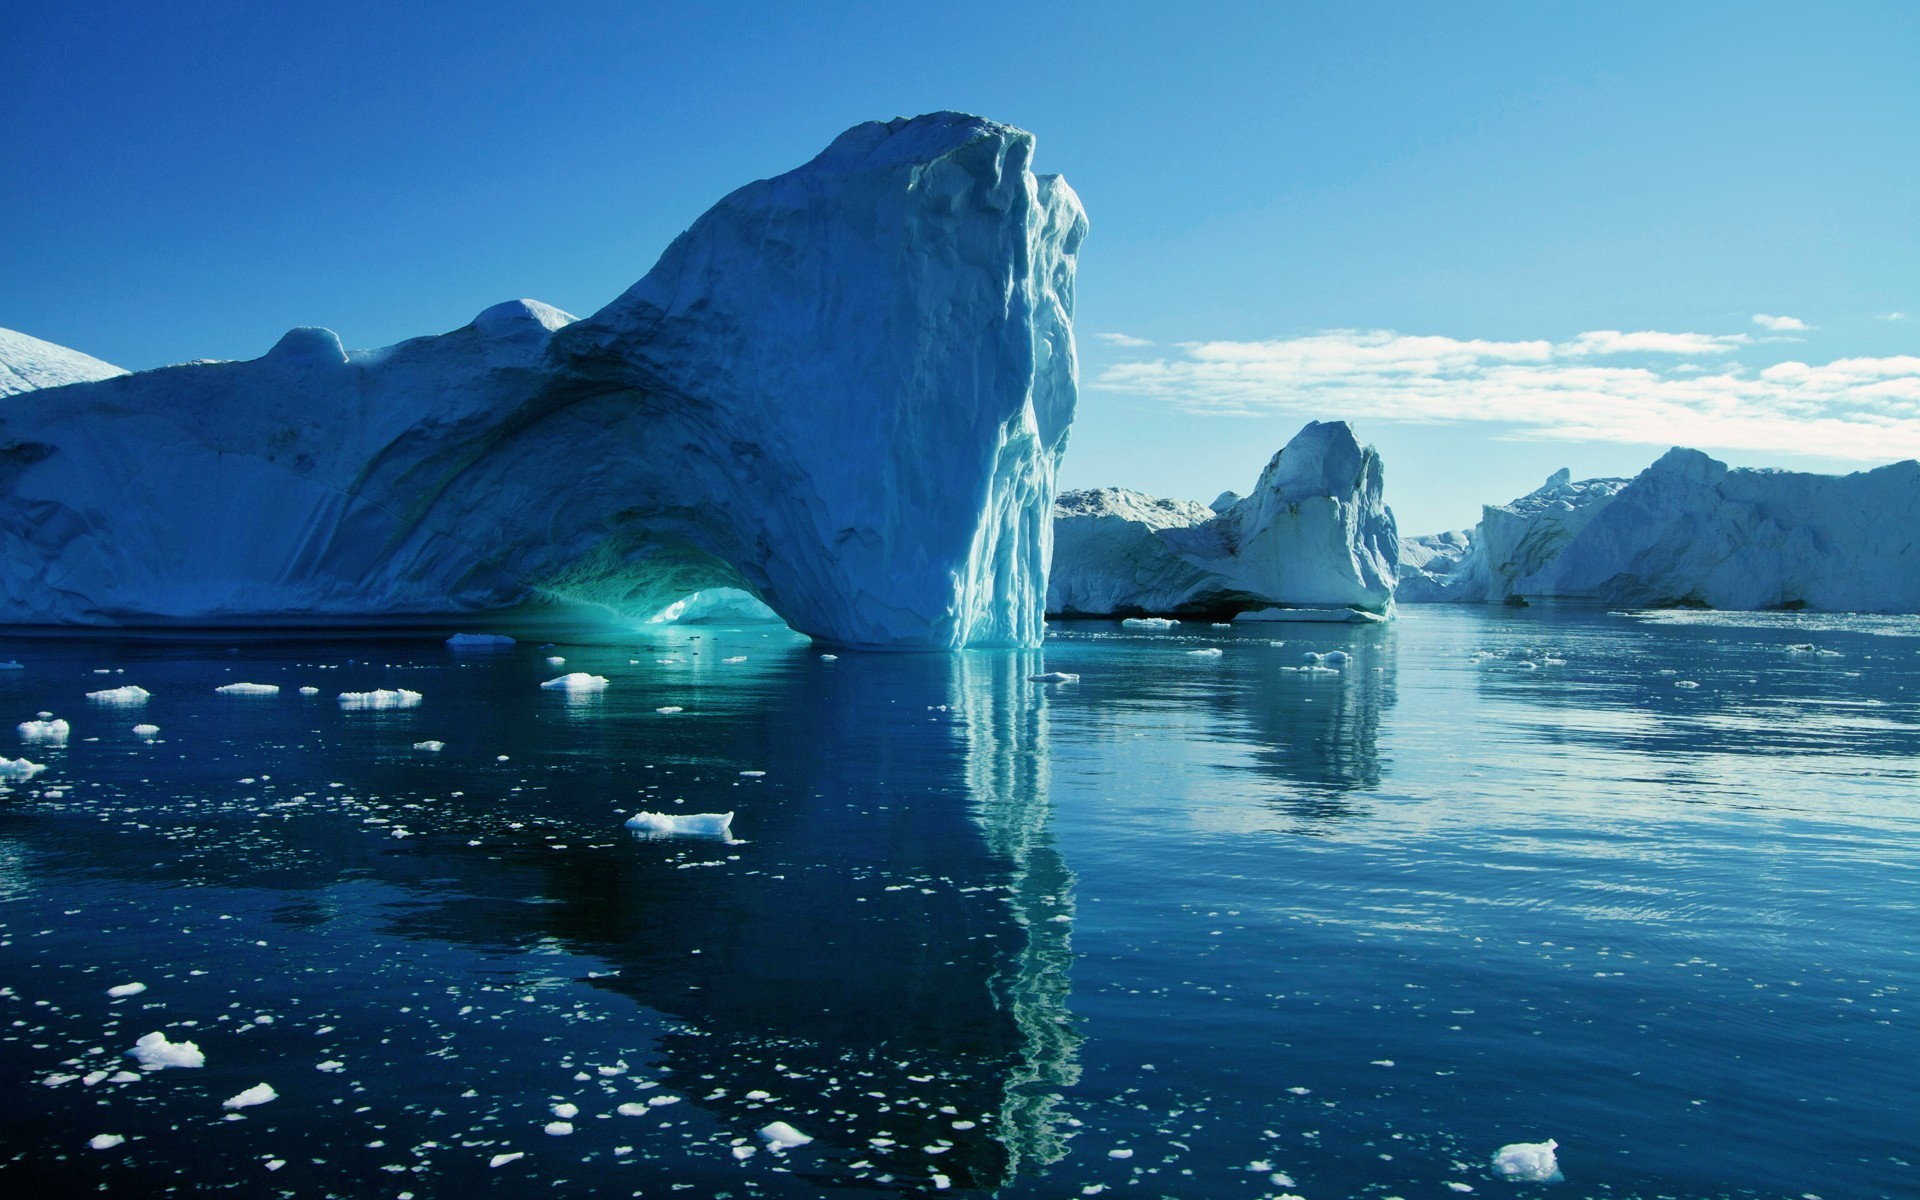 природа айсберг море горизонт nature iceberg sea horizon  № 3510952 бесплатно